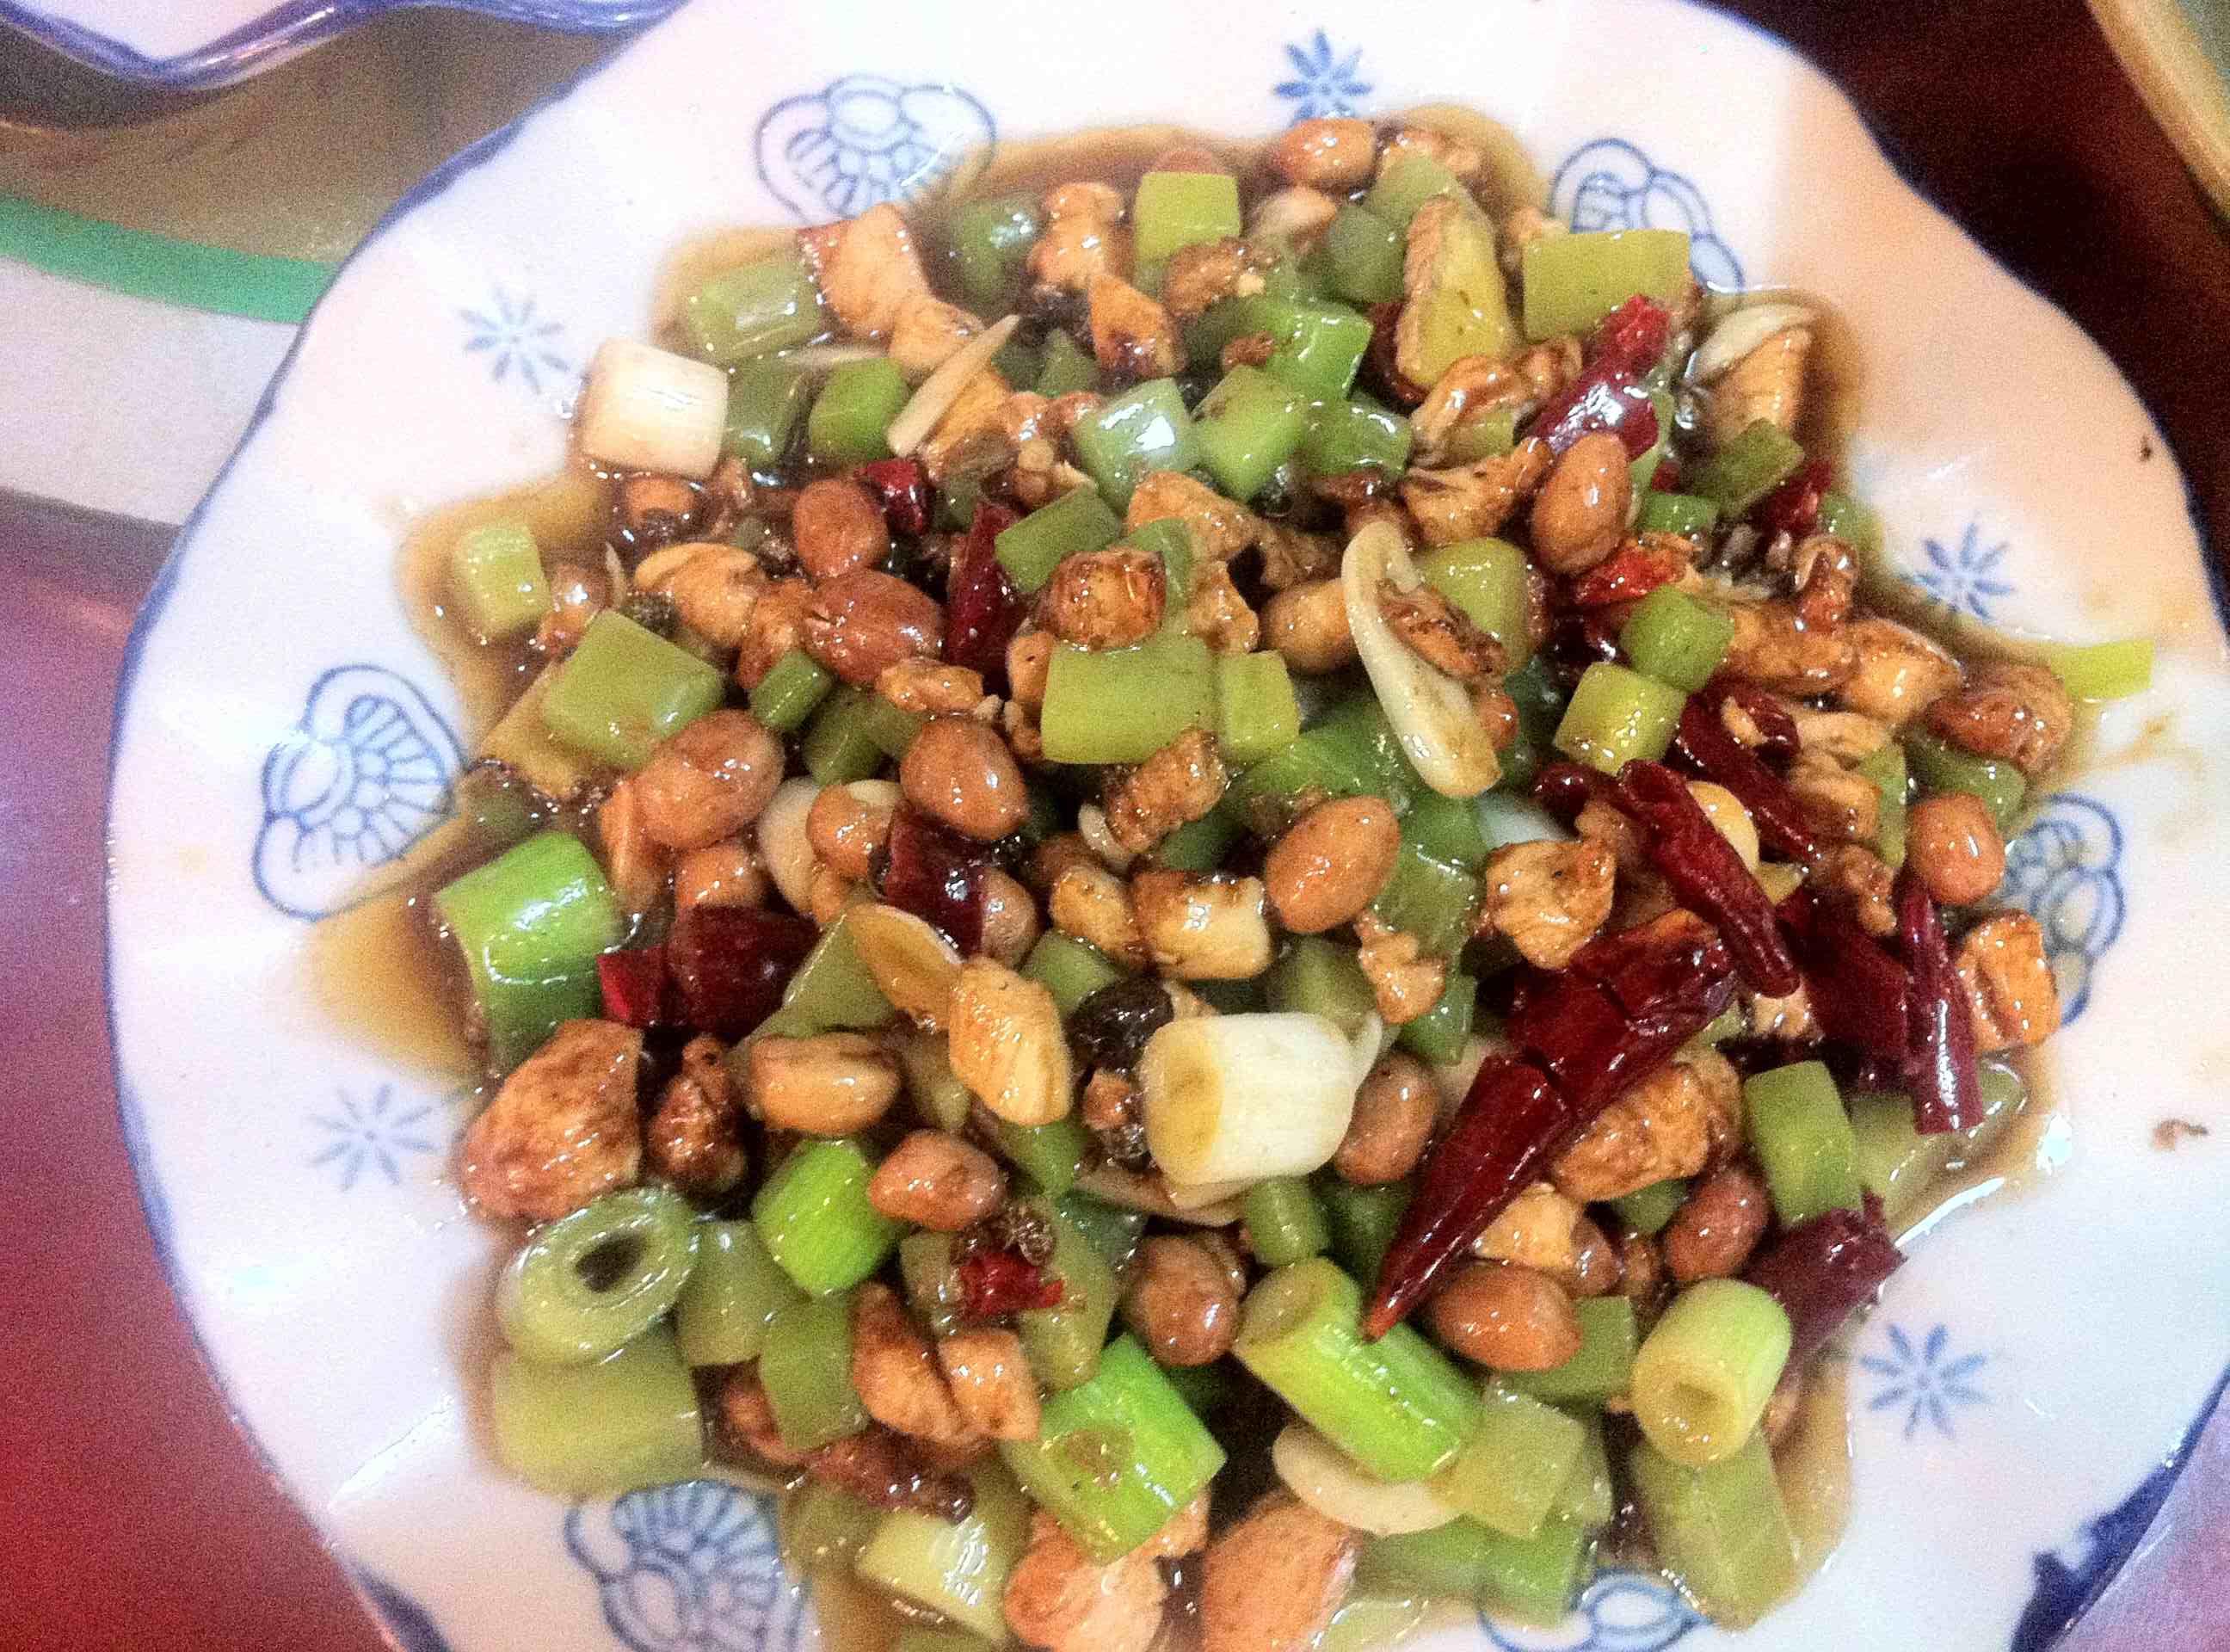 Unsere 8 Schätze – Einblicke in die Küche Westchinas | wiseCom